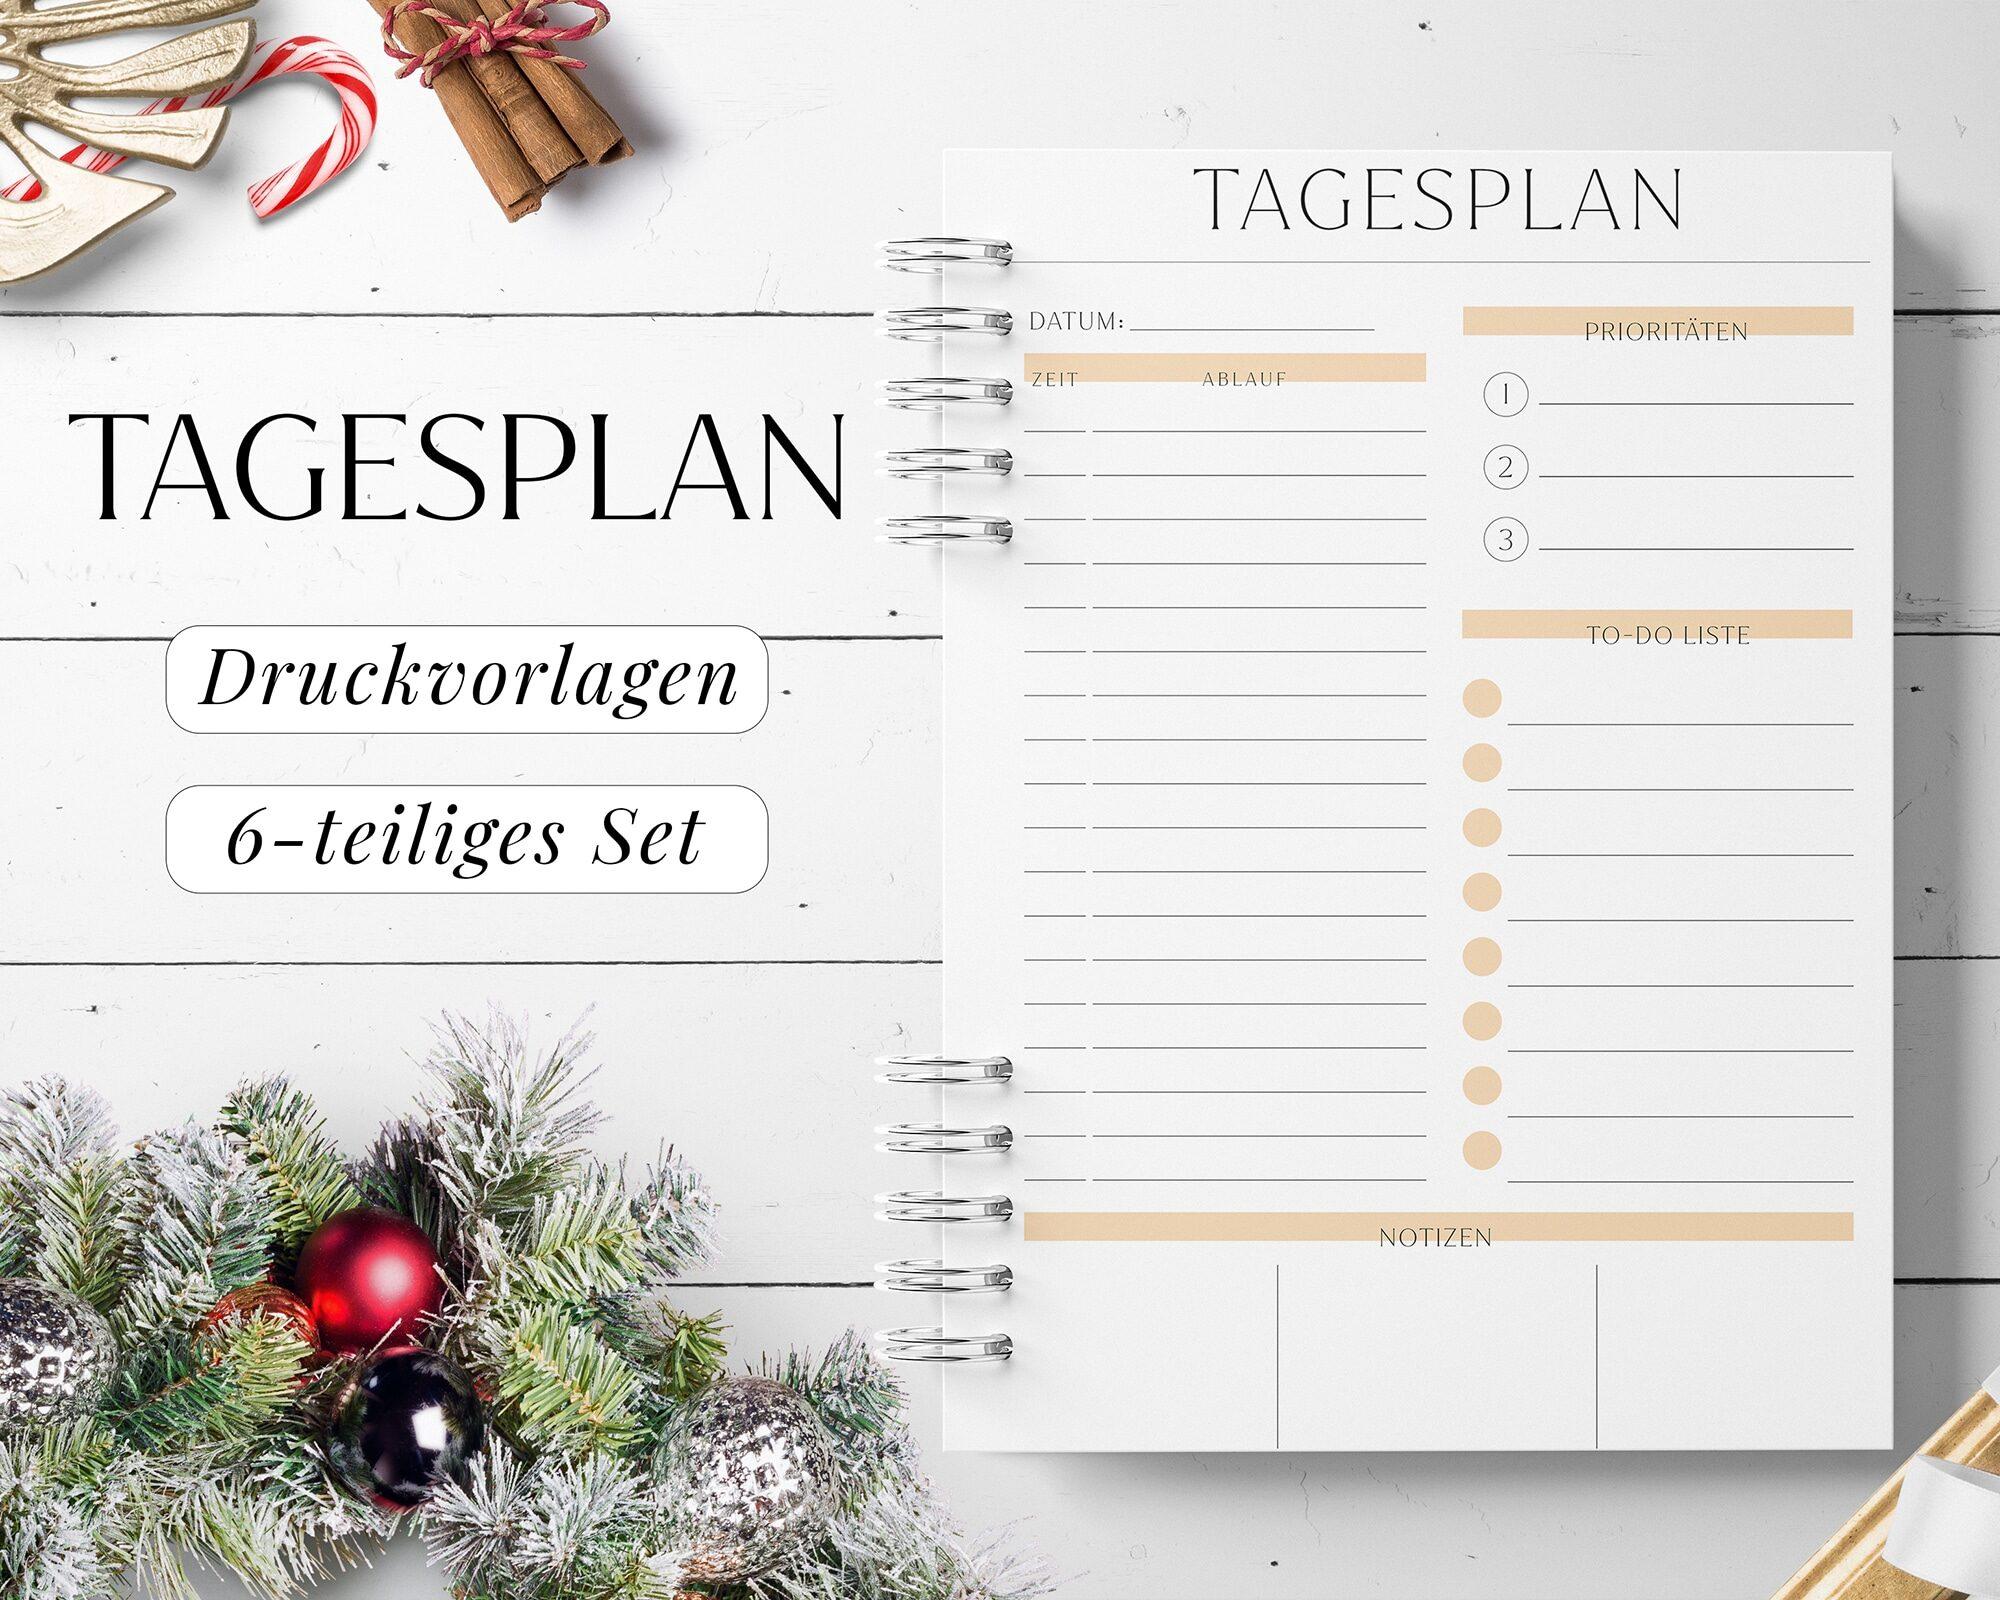 Tagesplan zum Download PDF Ausdrucken